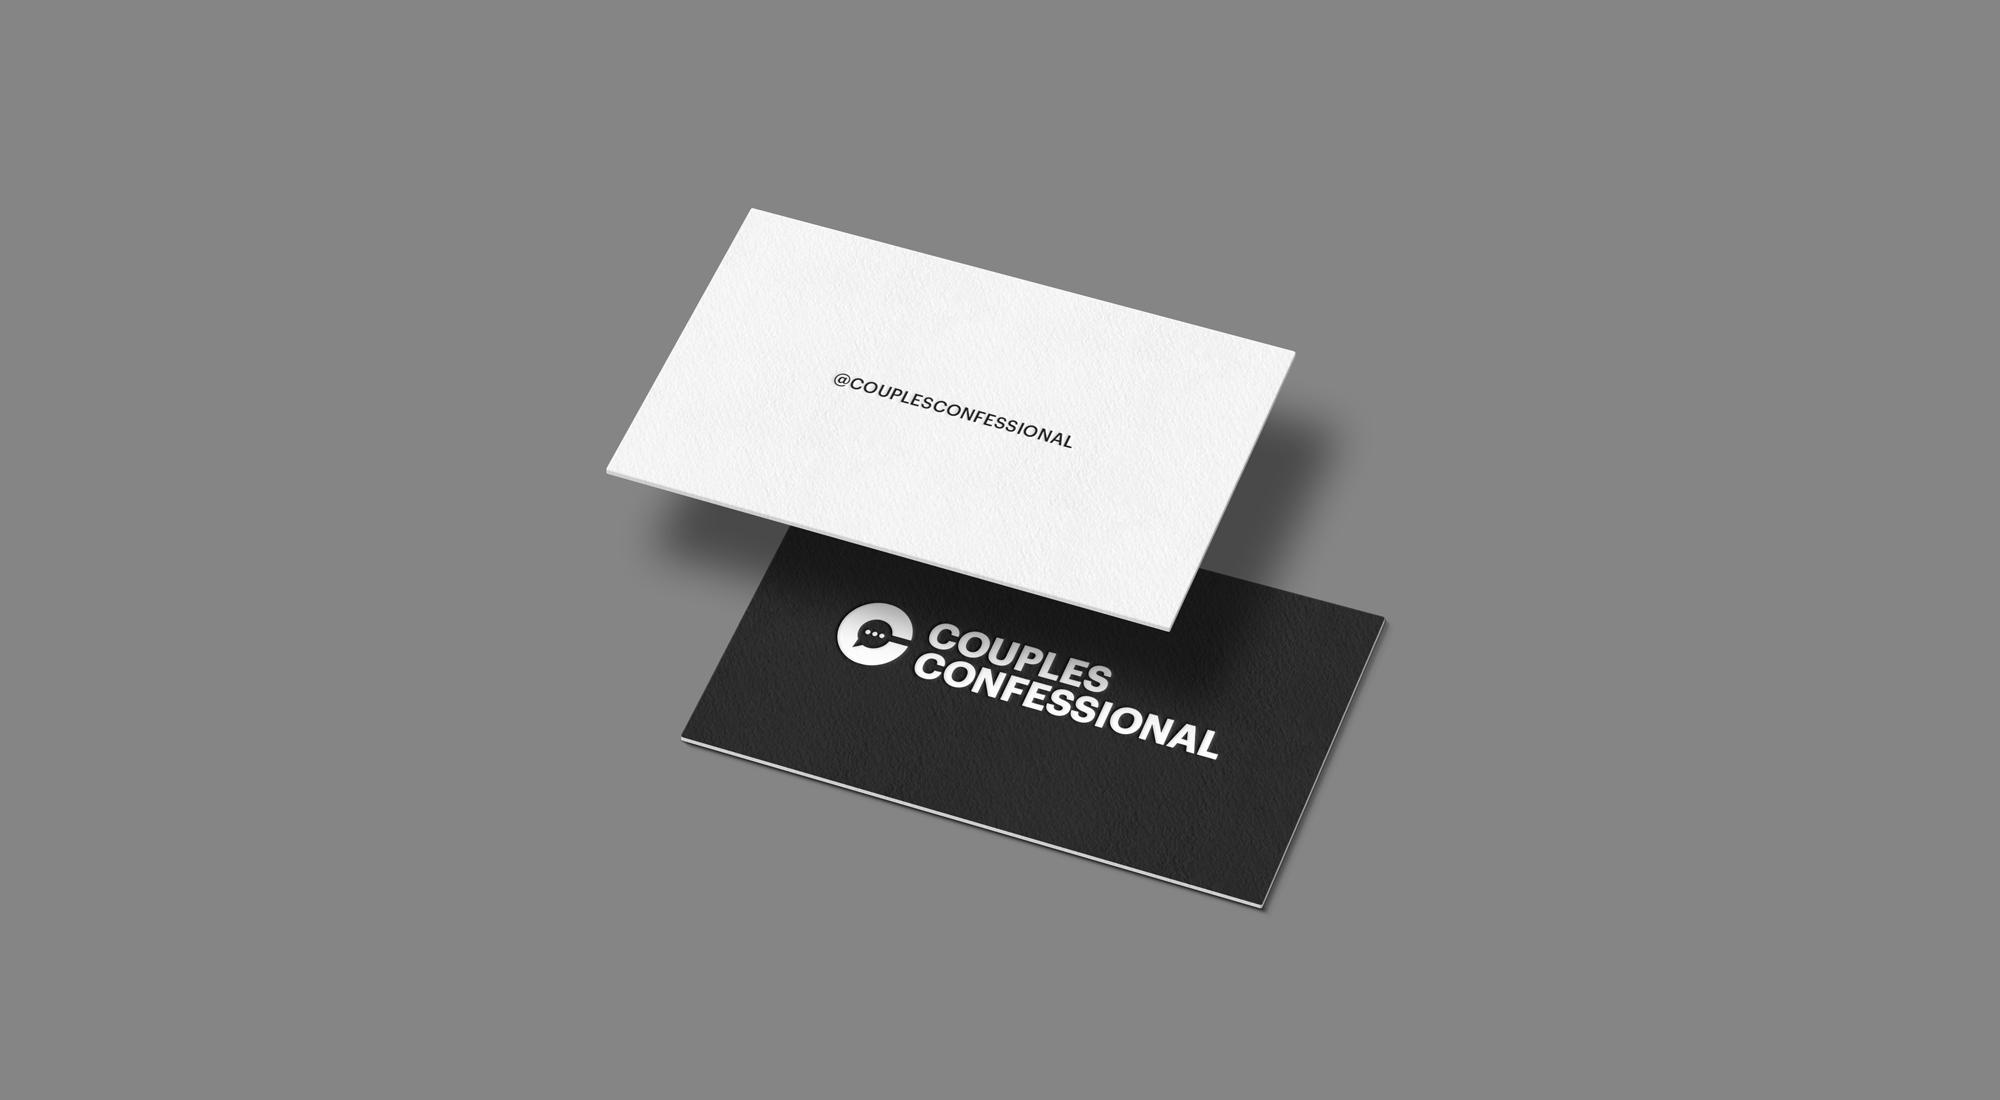 cc cards